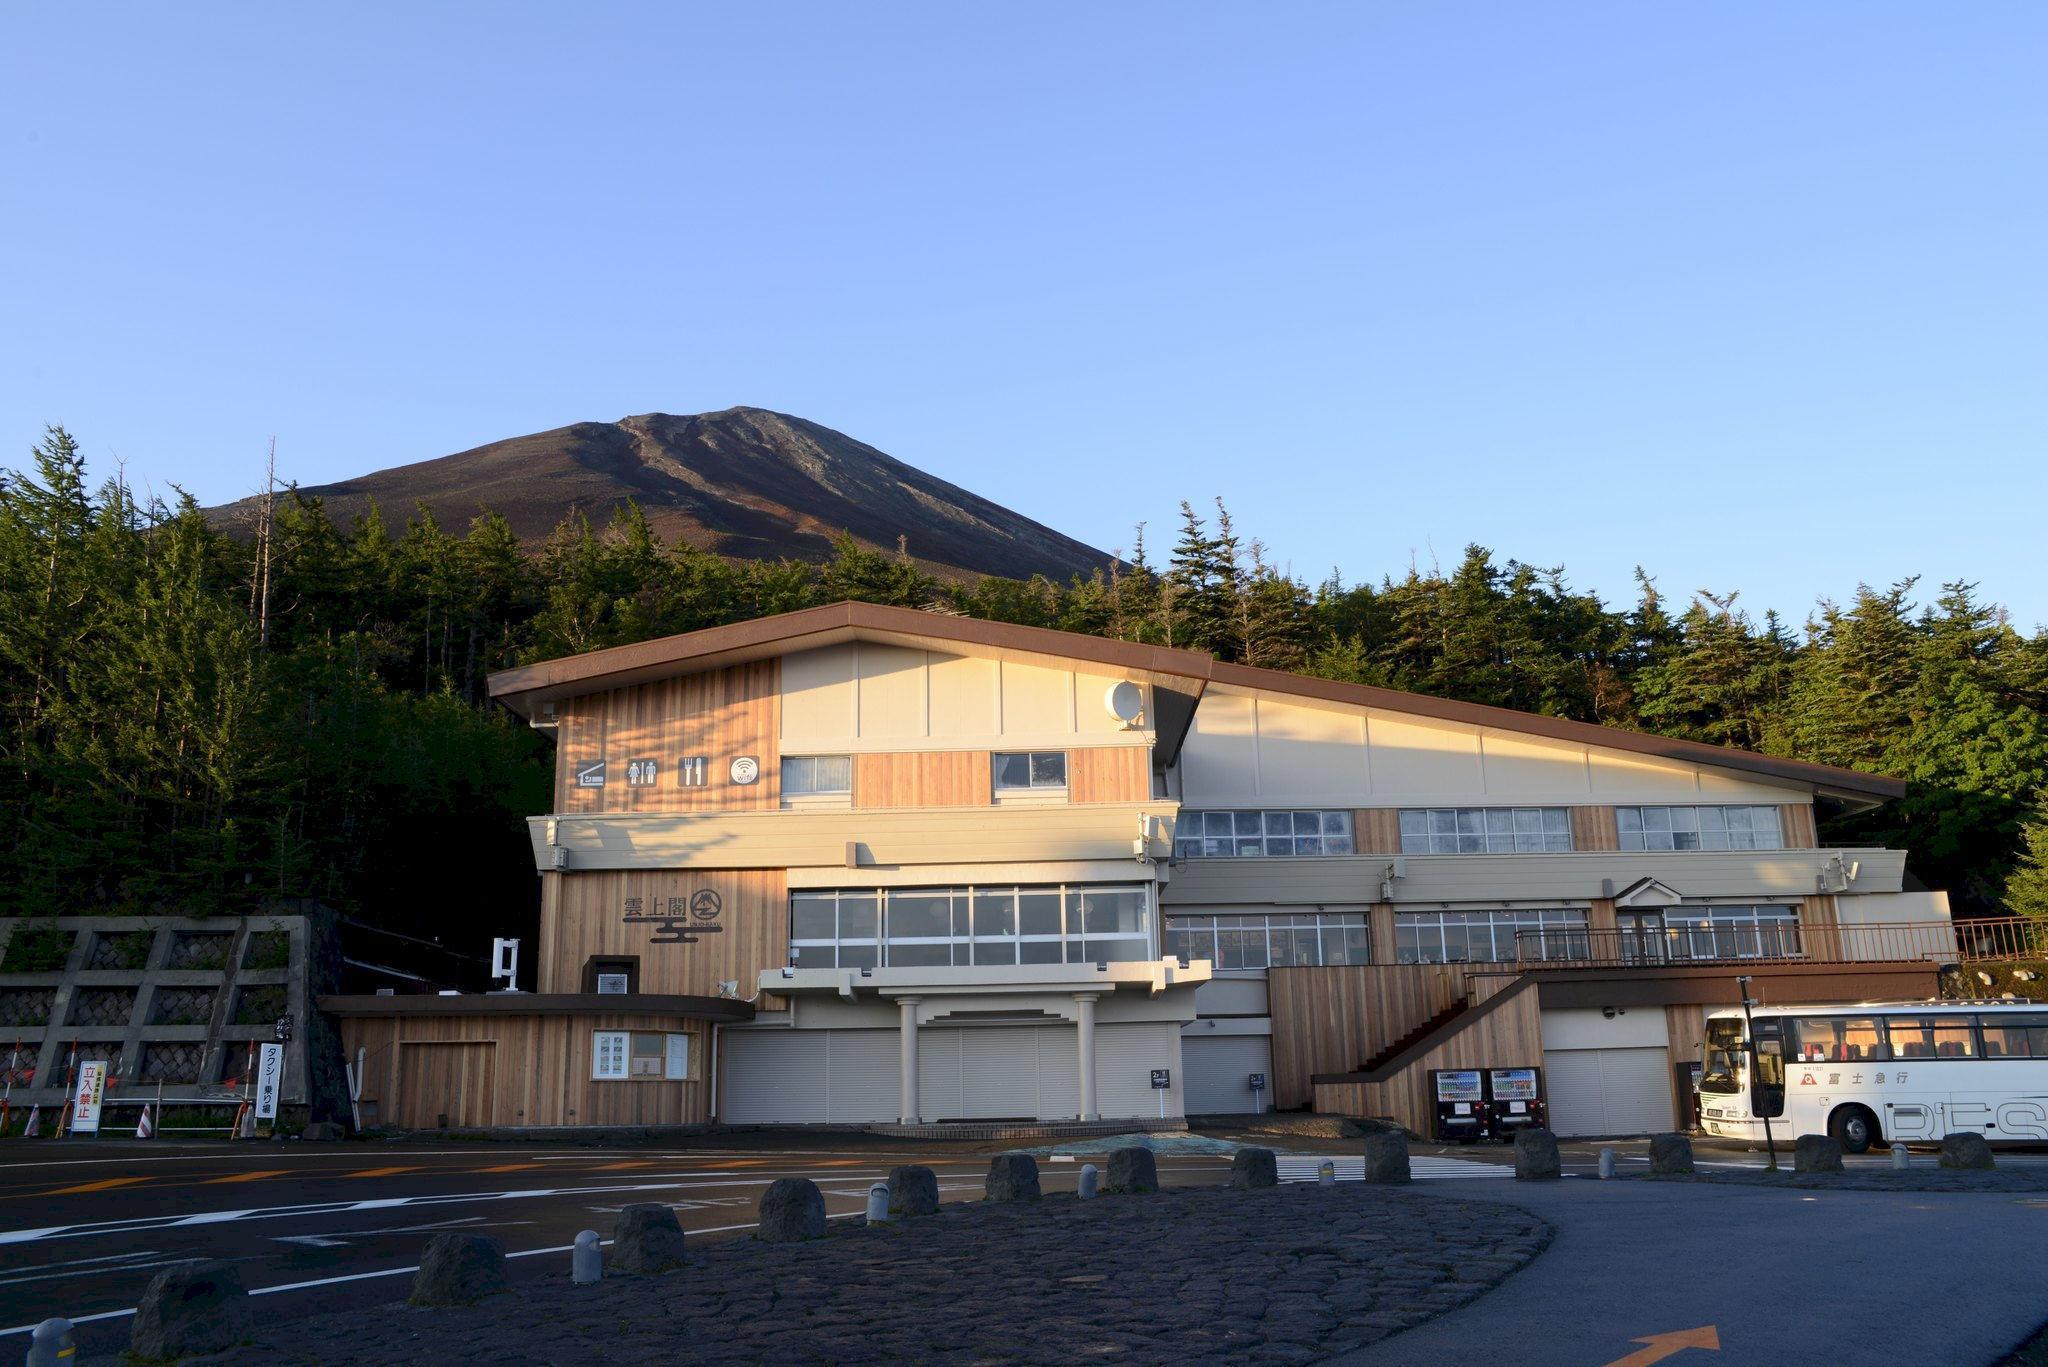 Fujikyu Unjo Kaku